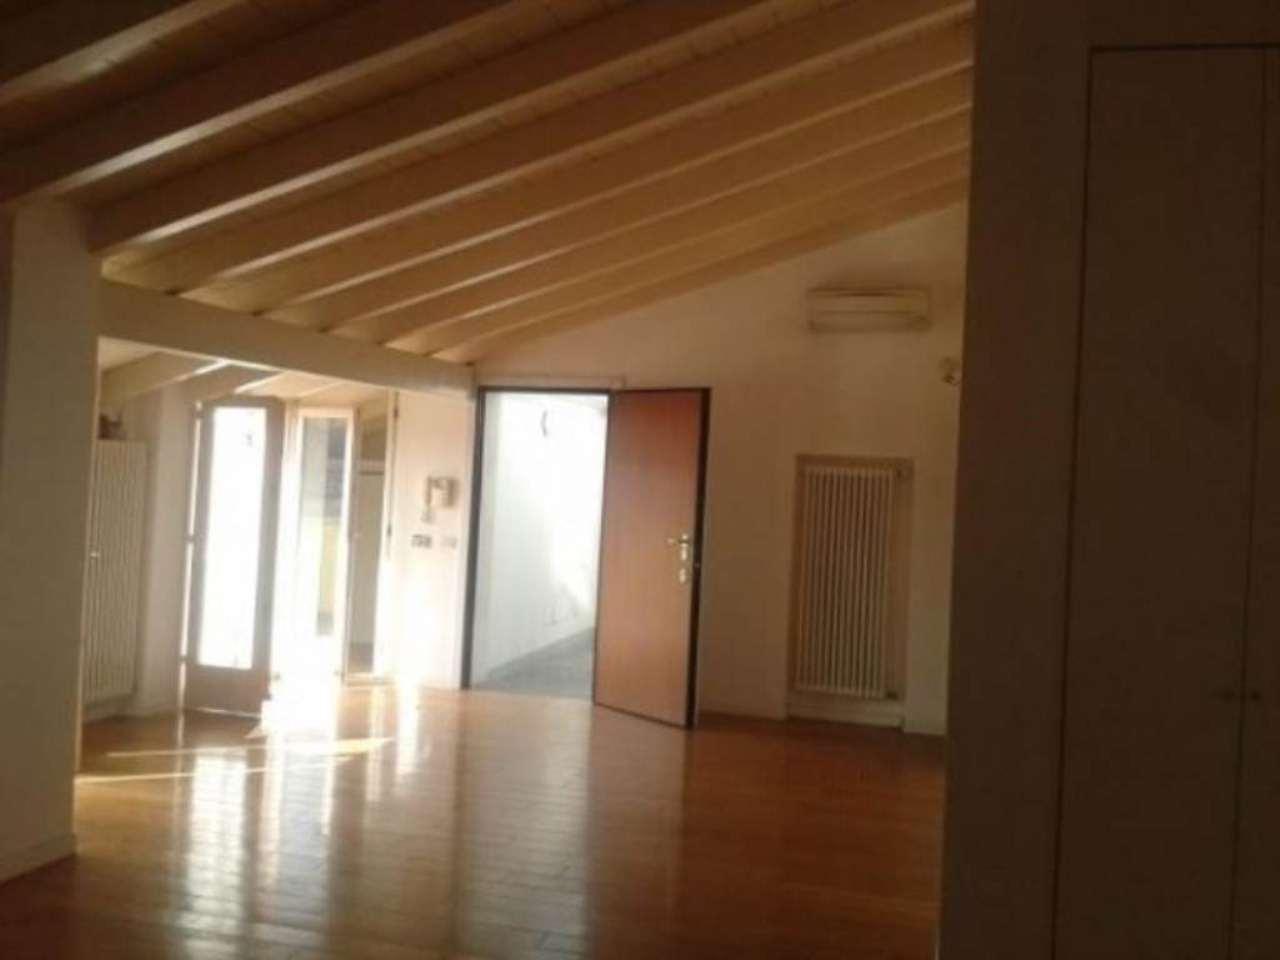 Attico / Mansarda in vendita a Pavia, 9999 locali, prezzo € 760.000 | Cambio Casa.it